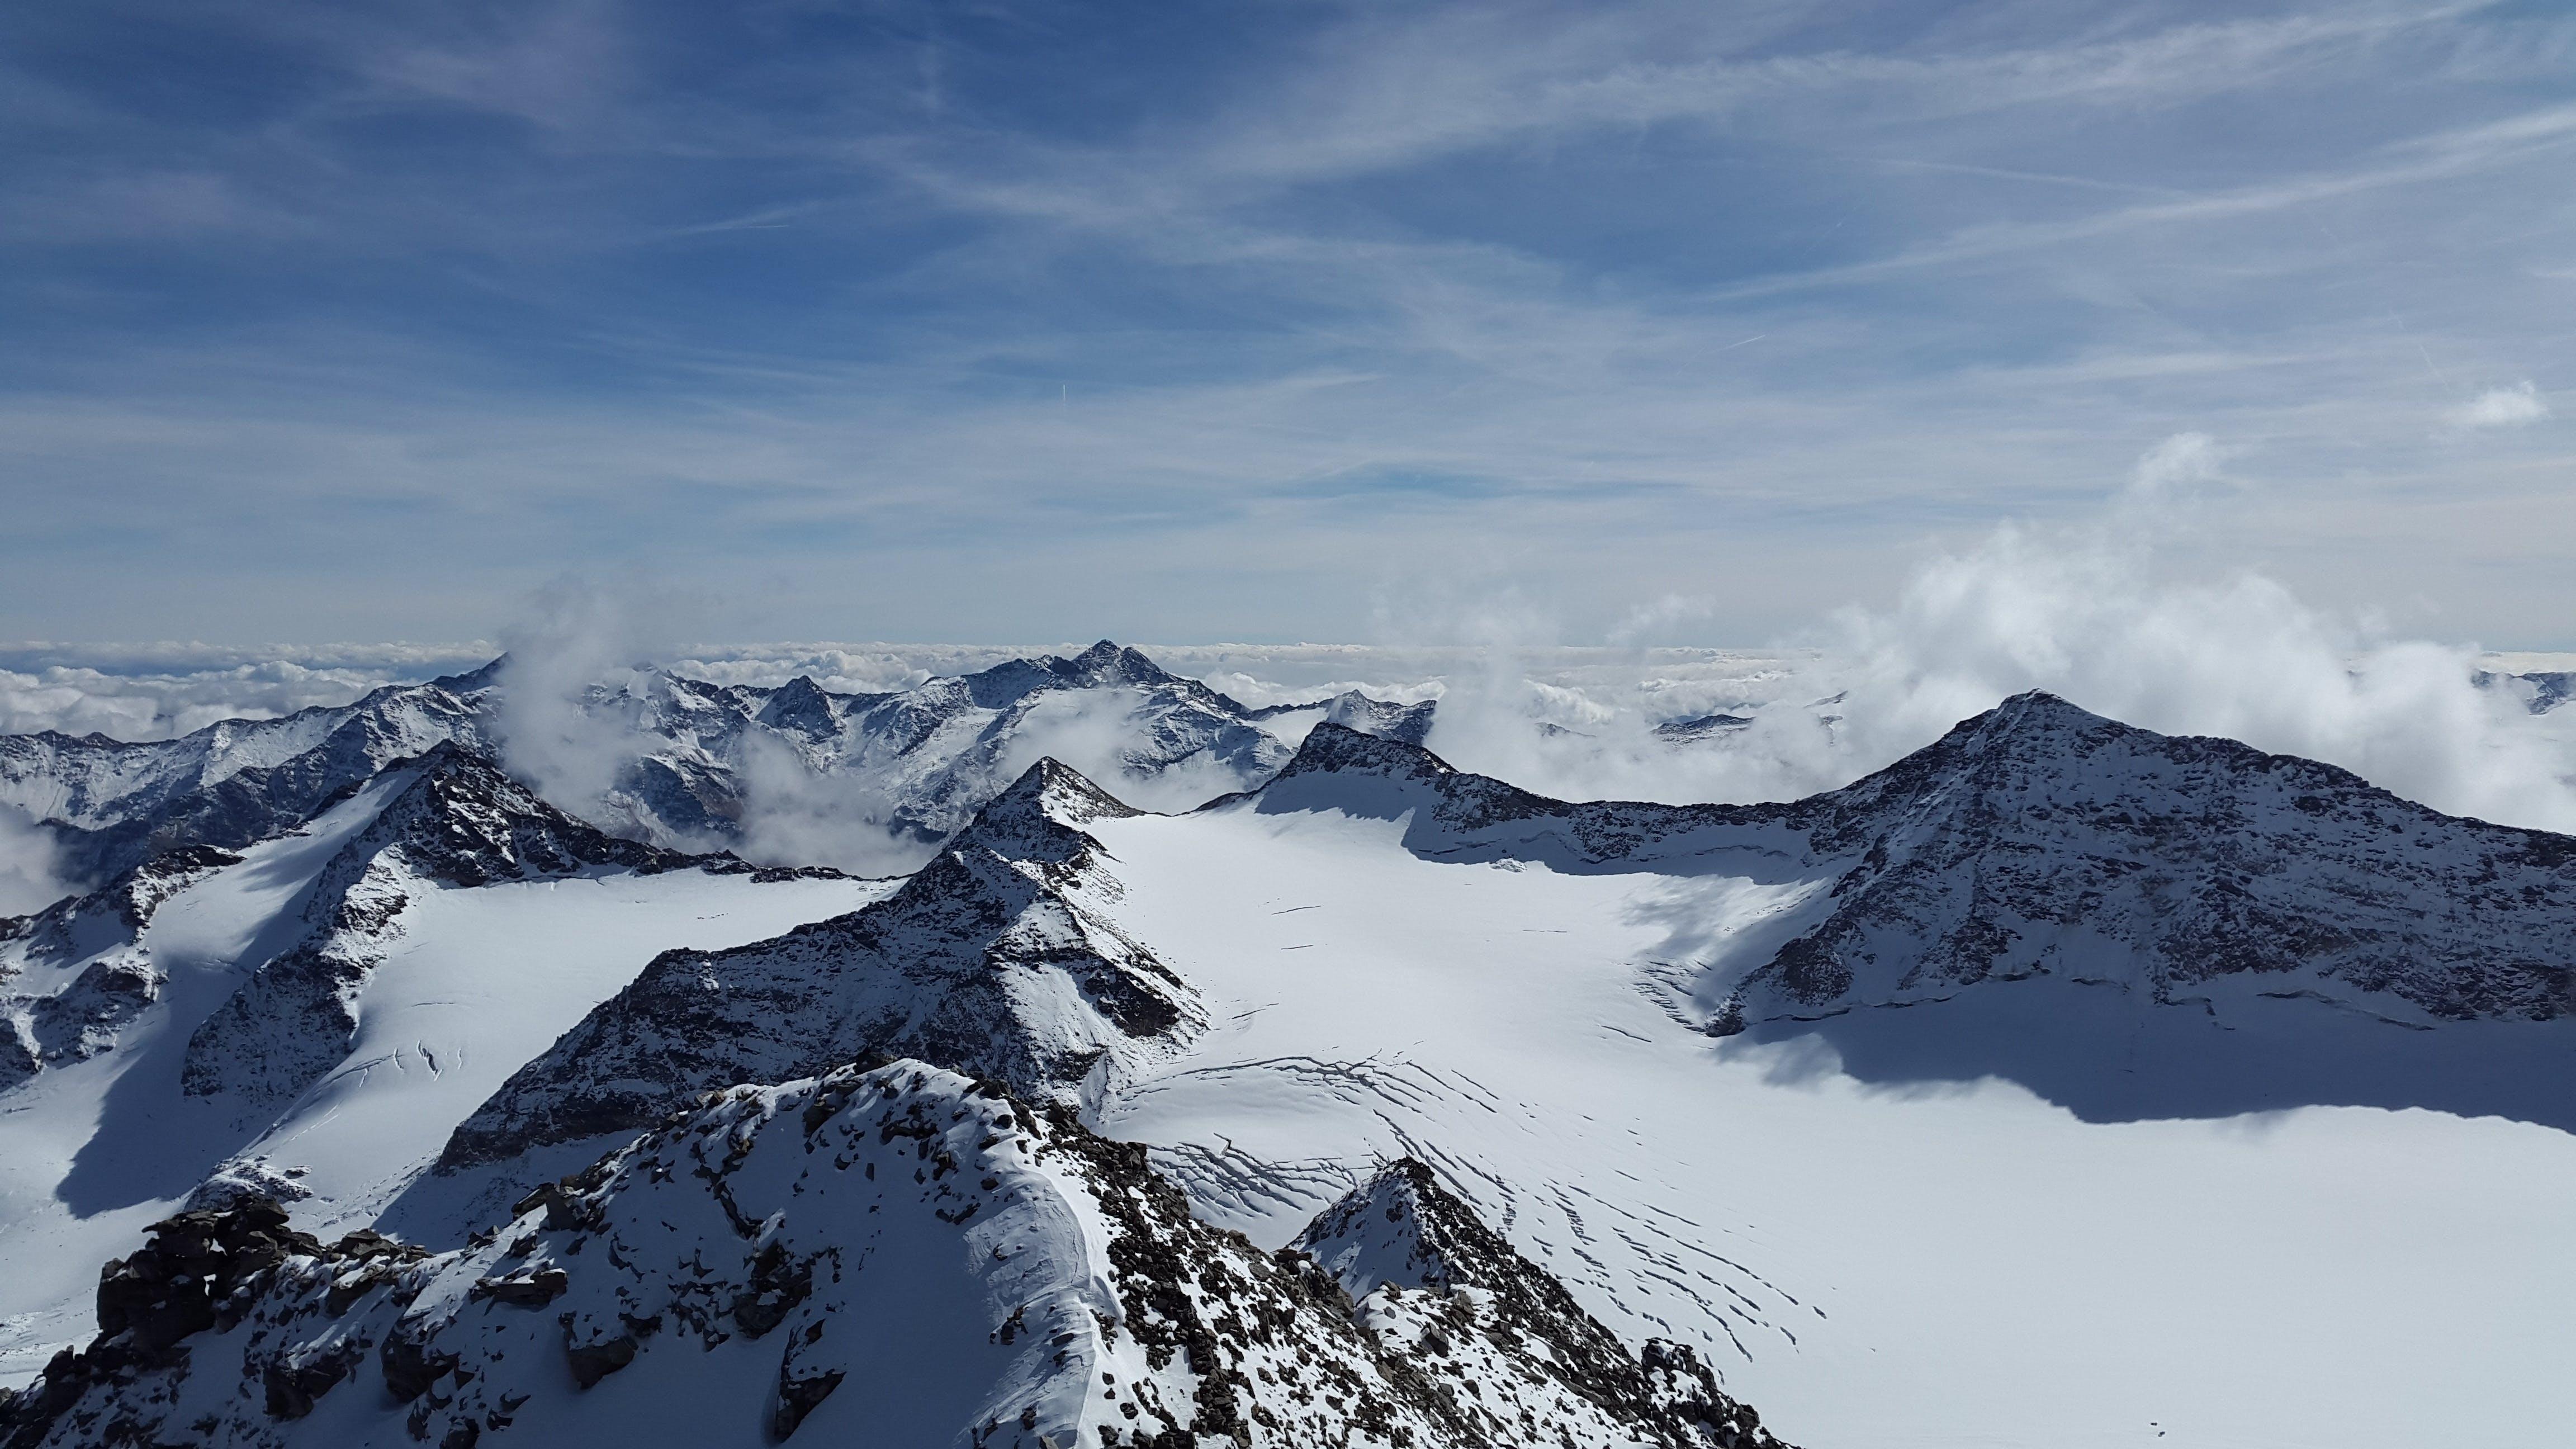 Fotos de stock gratuitas de alpino, altitud, alto, ascender